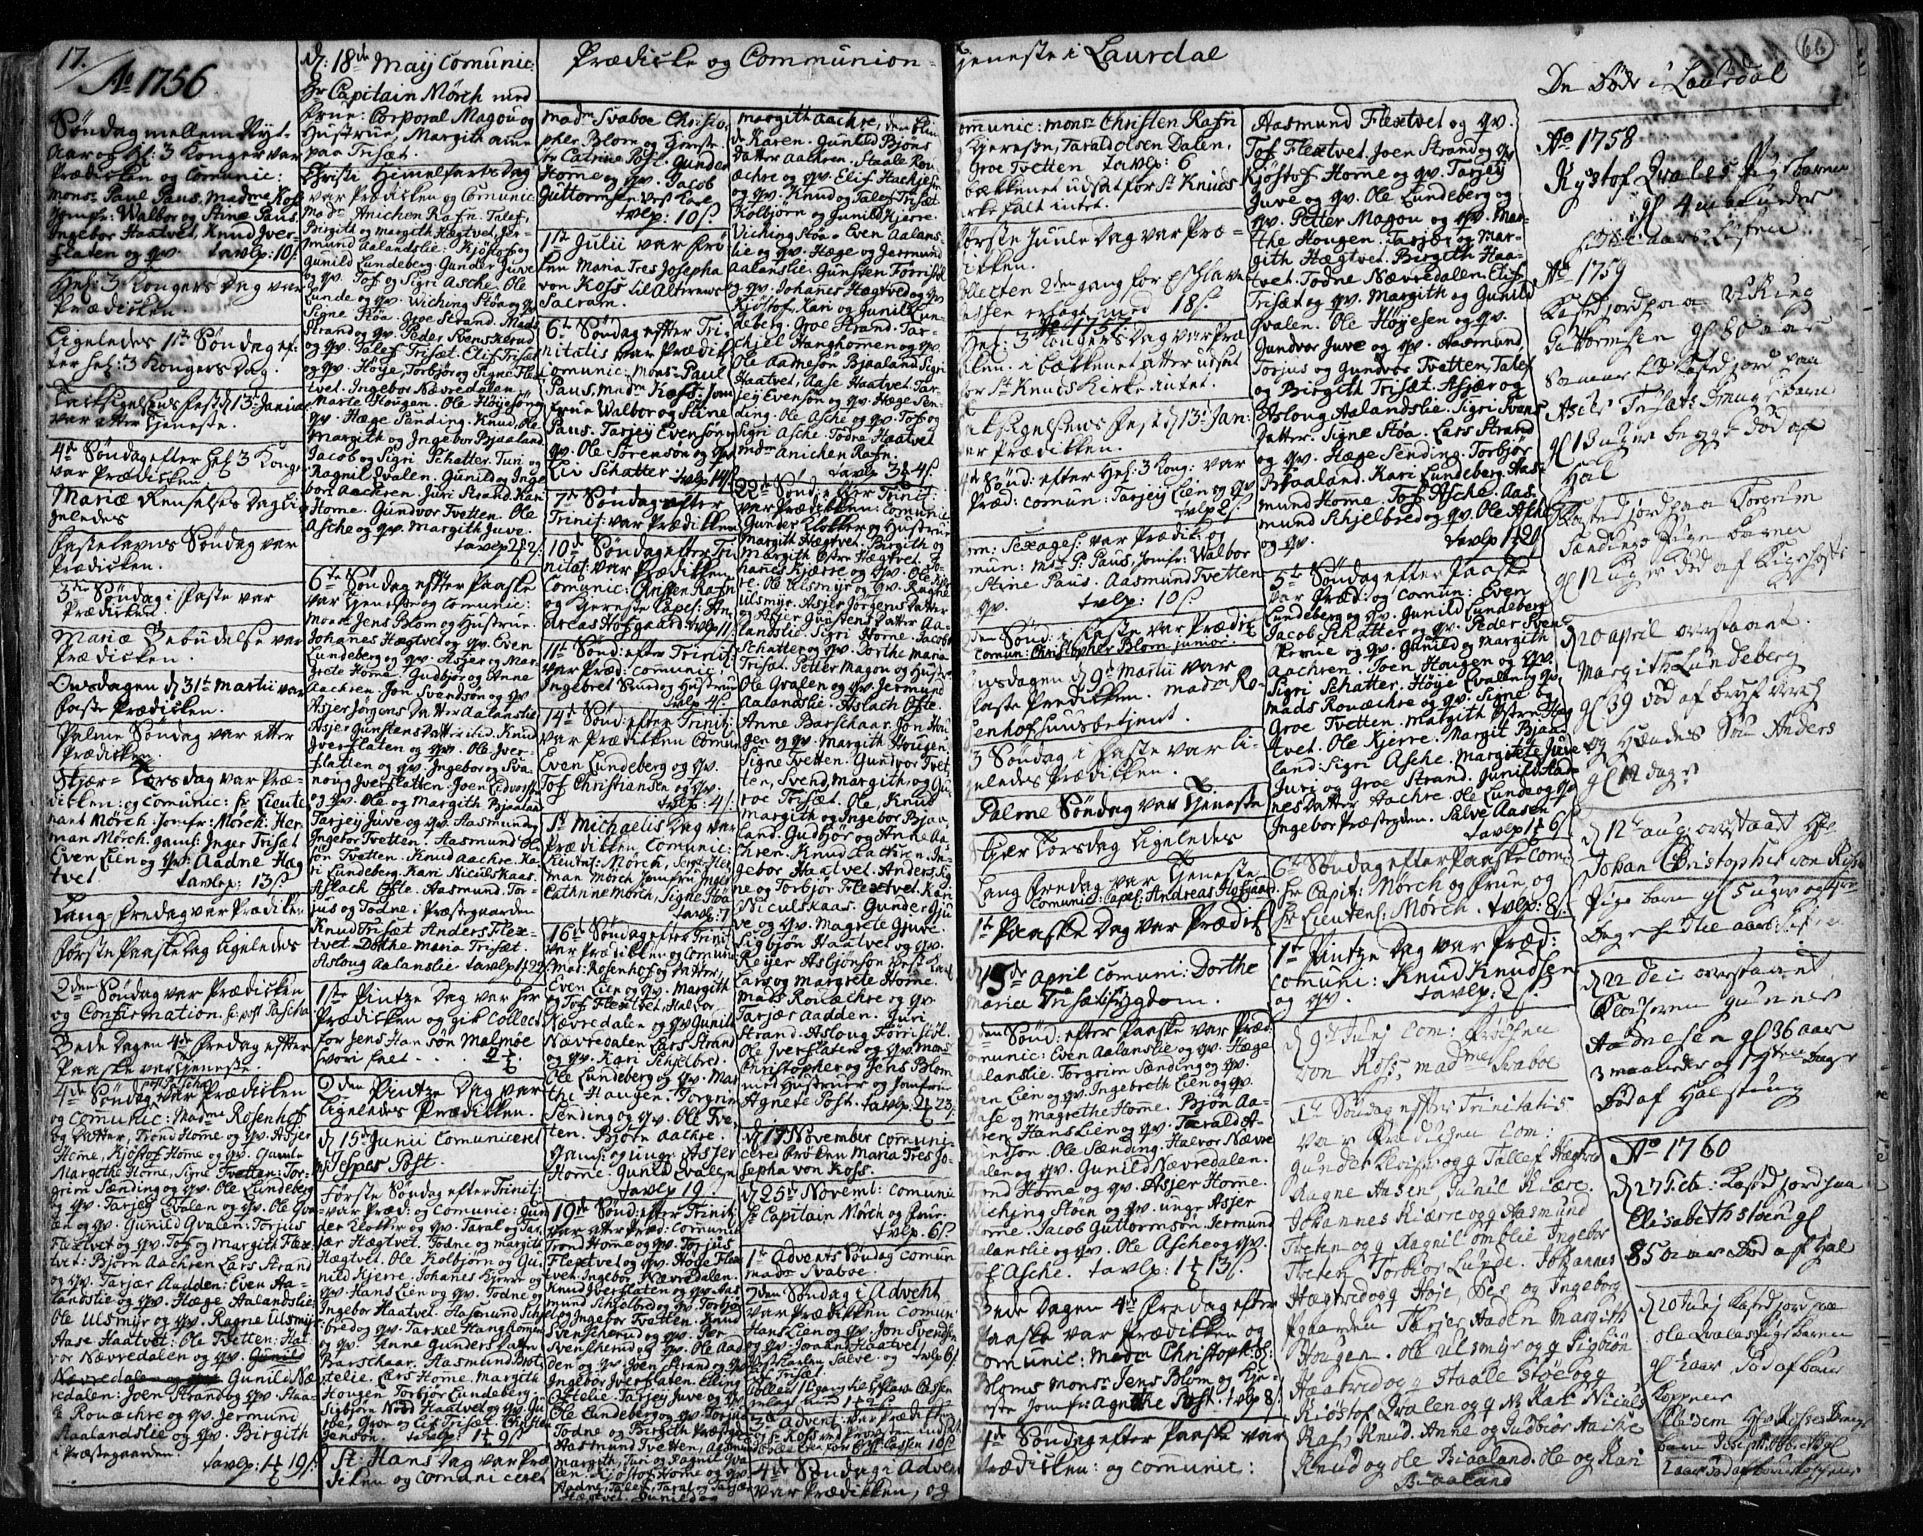 SAKO, Lårdal kirkebøker, F/Fa/L0003: Ministerialbok nr. I 3, 1754-1790, s. 66